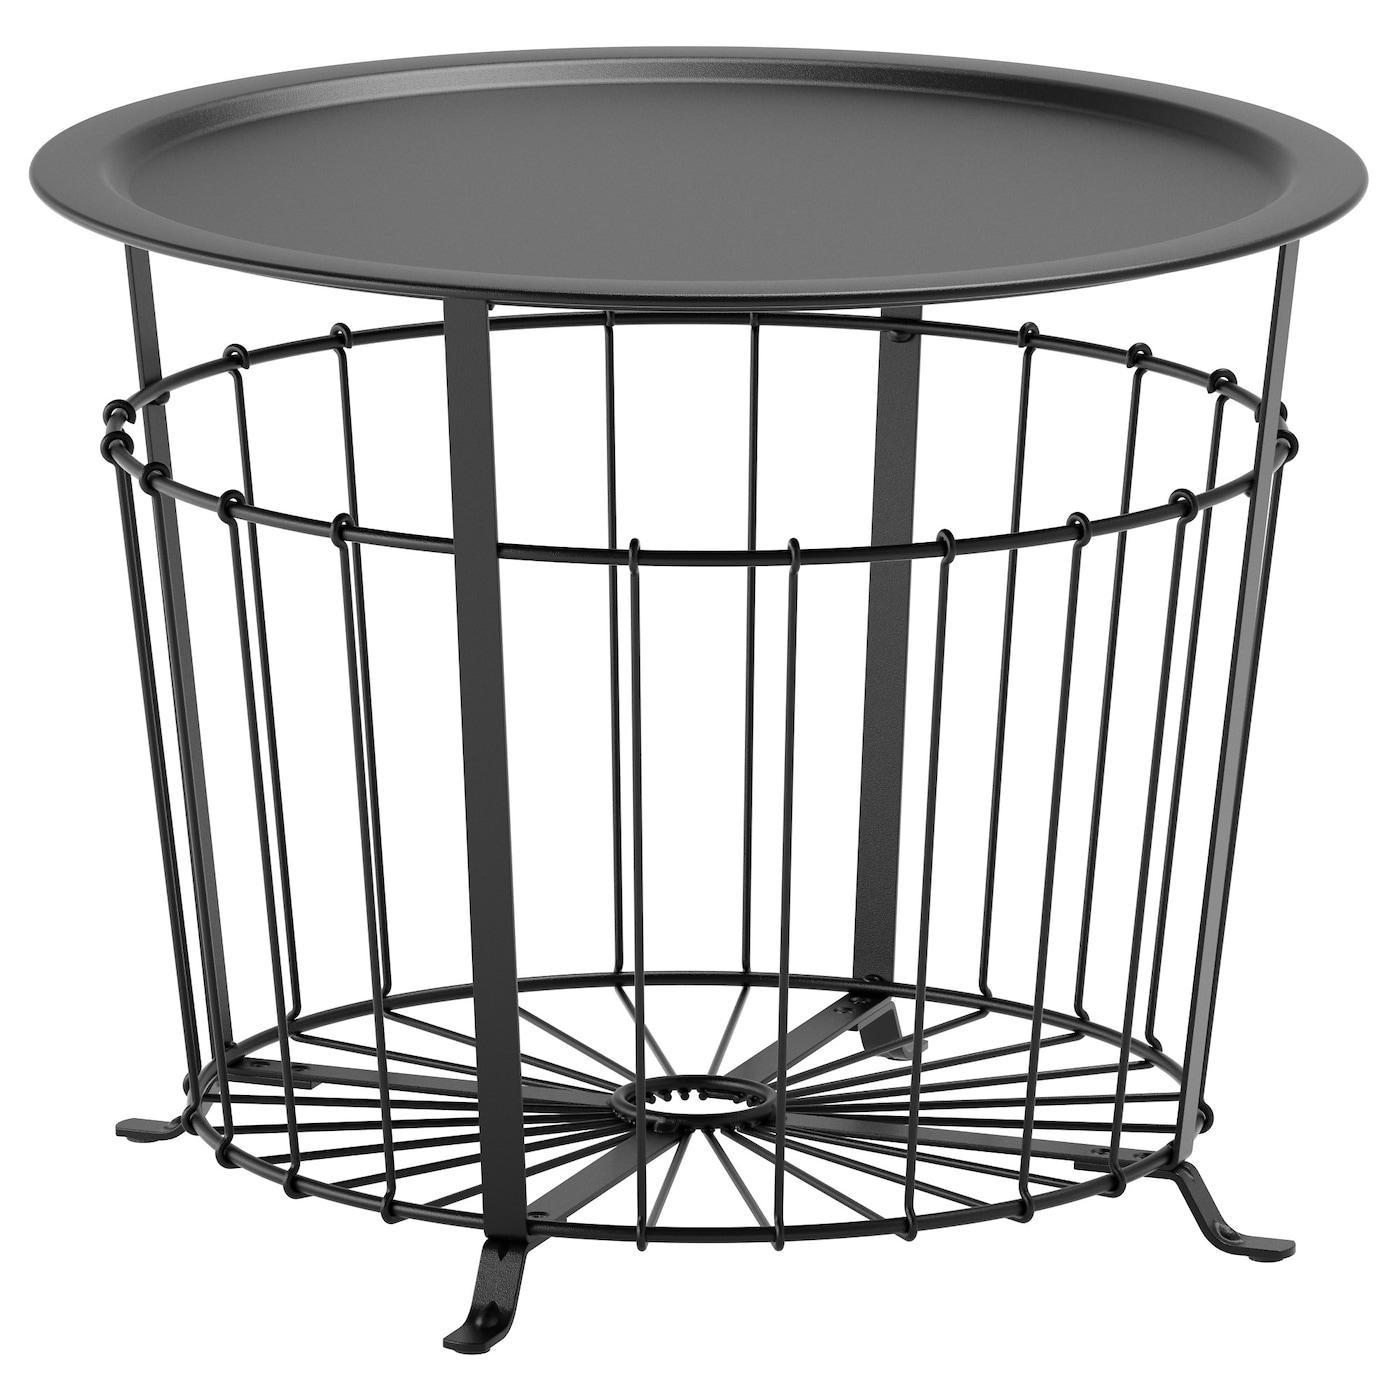 IKEA GUALÖV czarny stolik z miejscem do przechowywania, średnica 60 cm